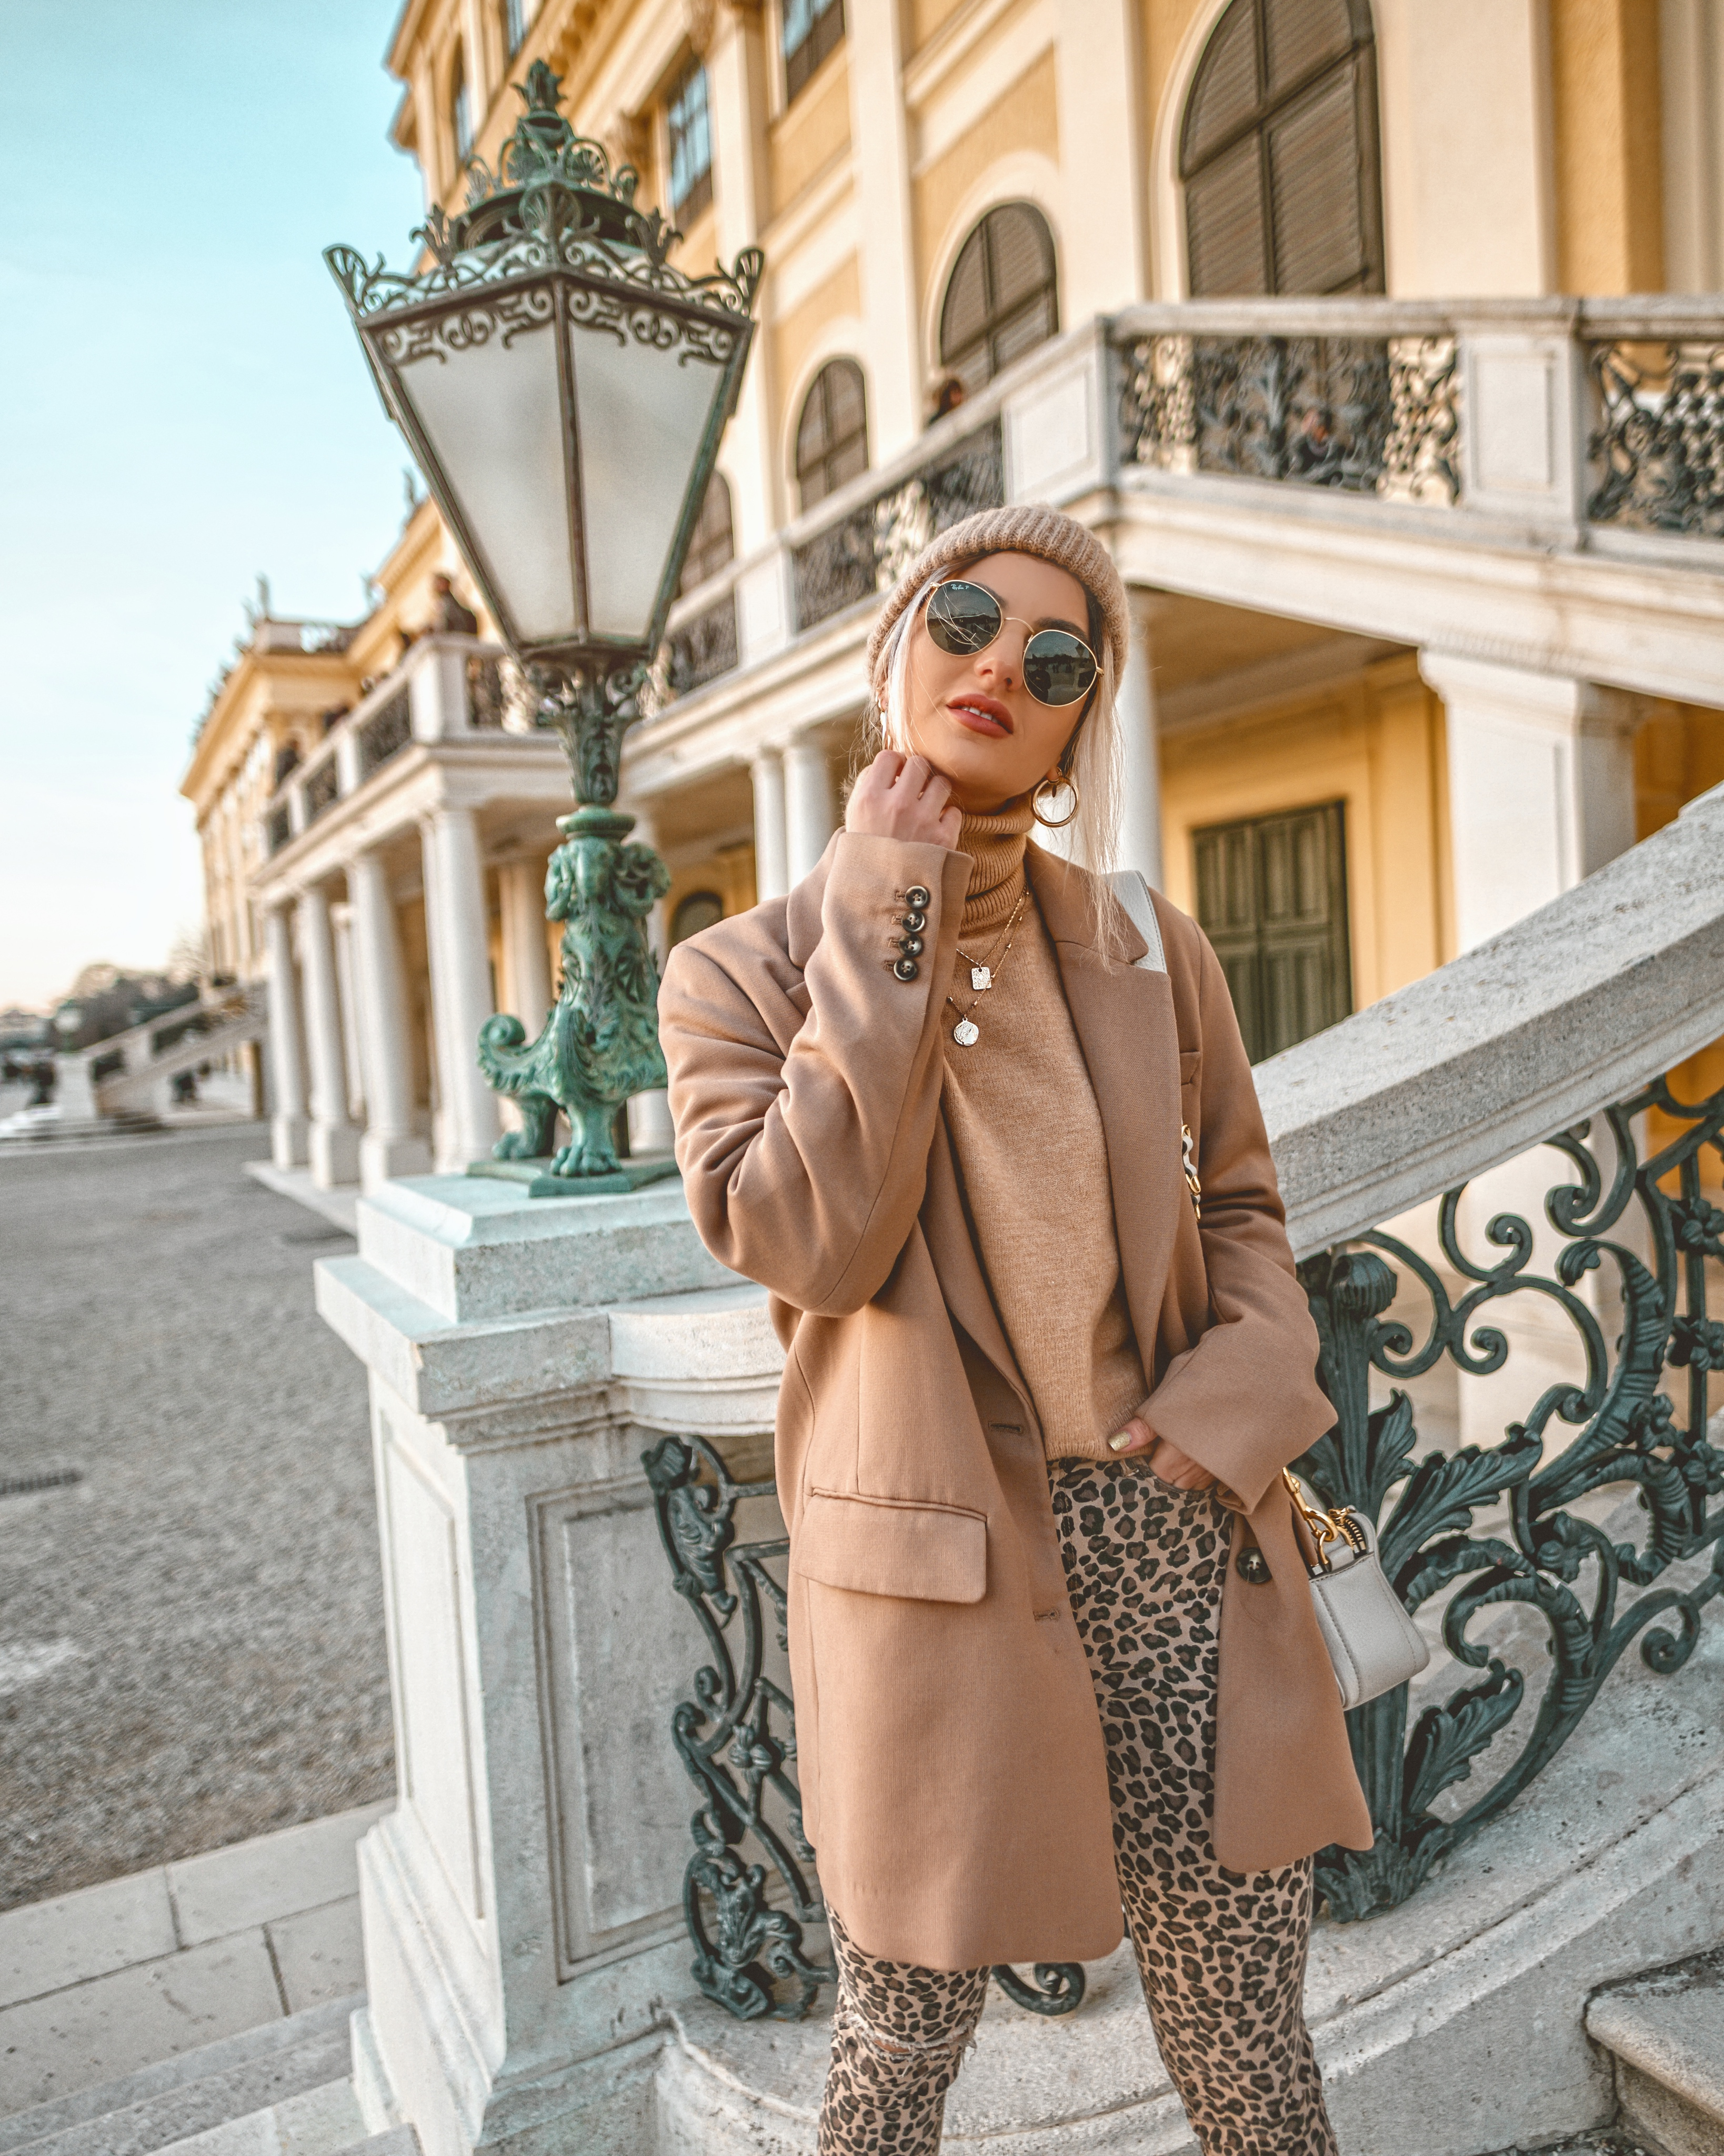 Cel mai purtat trend de catre influenceri BLAZERUL_Iulia Andrei